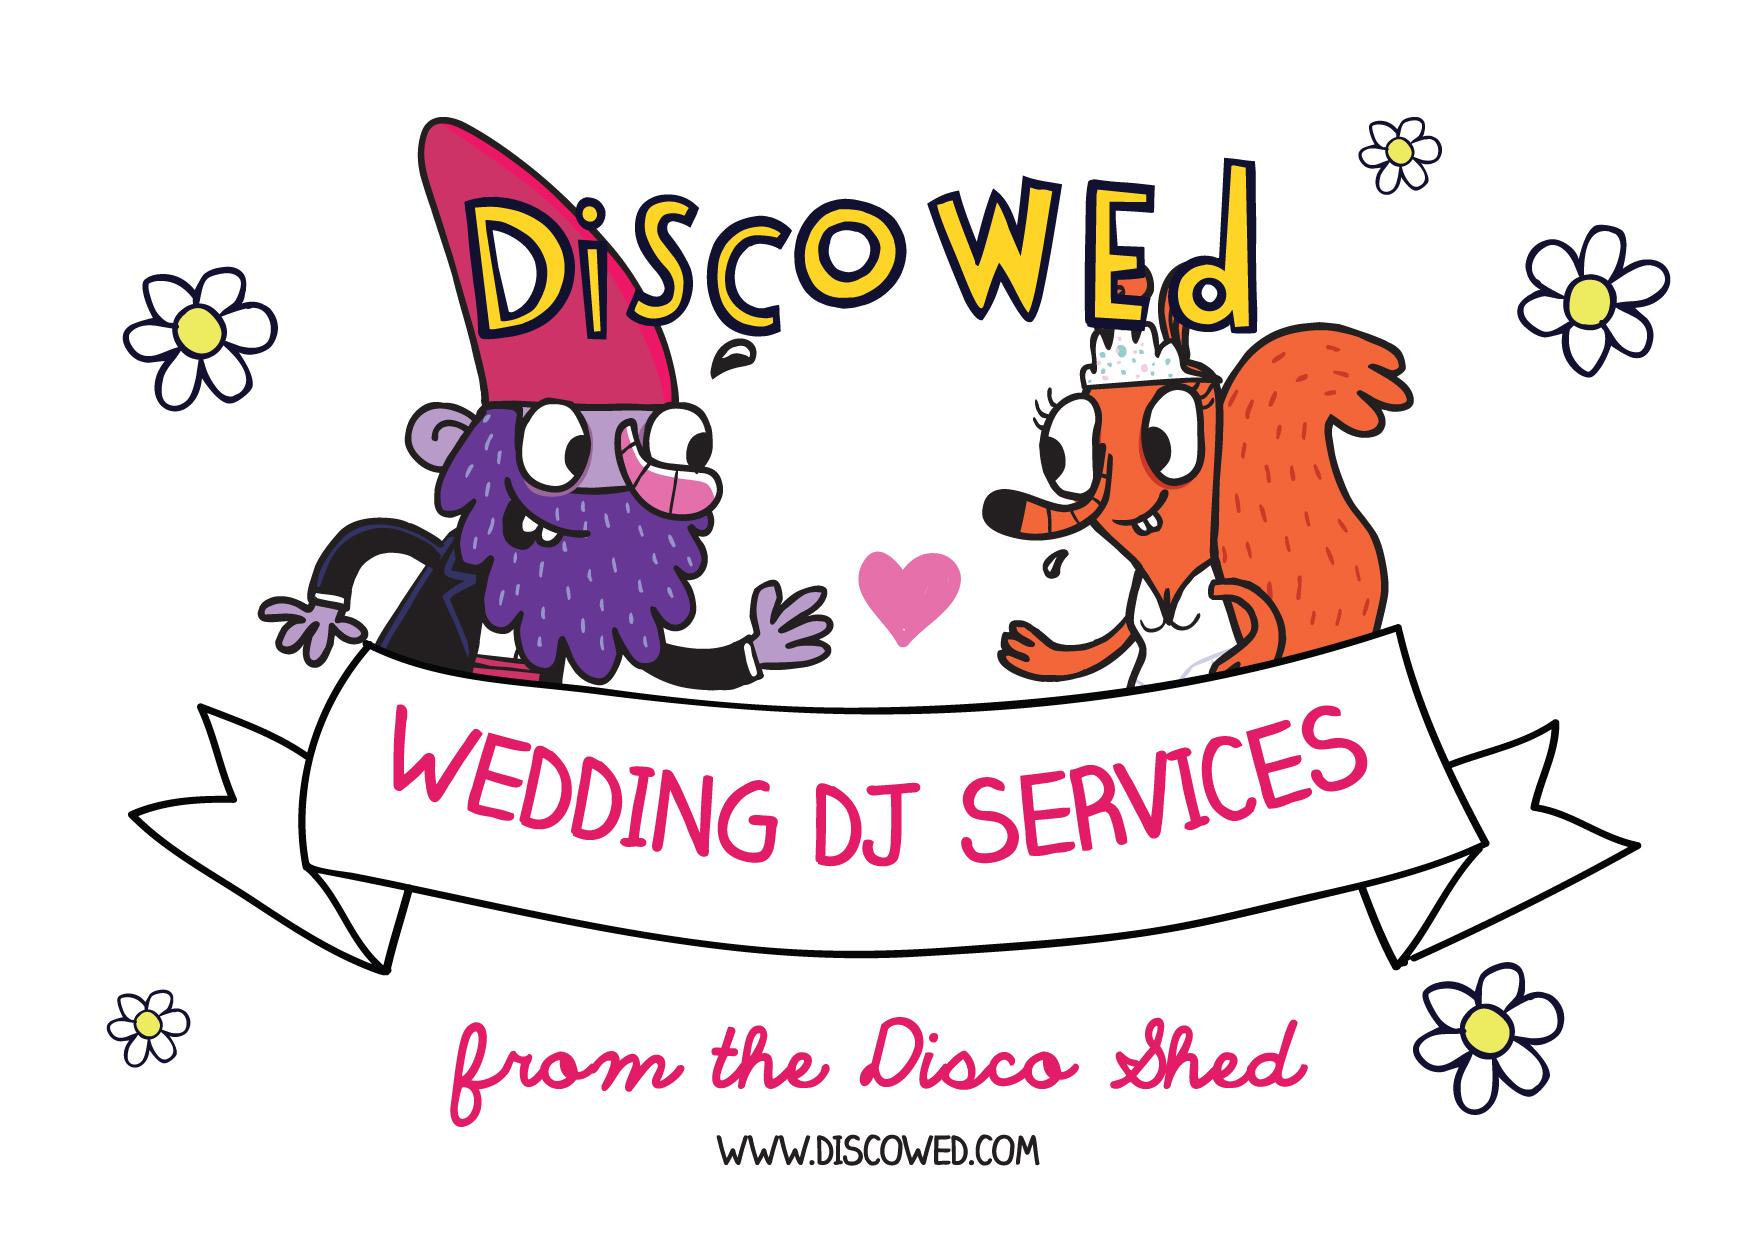 Disco Wed Image.jpg